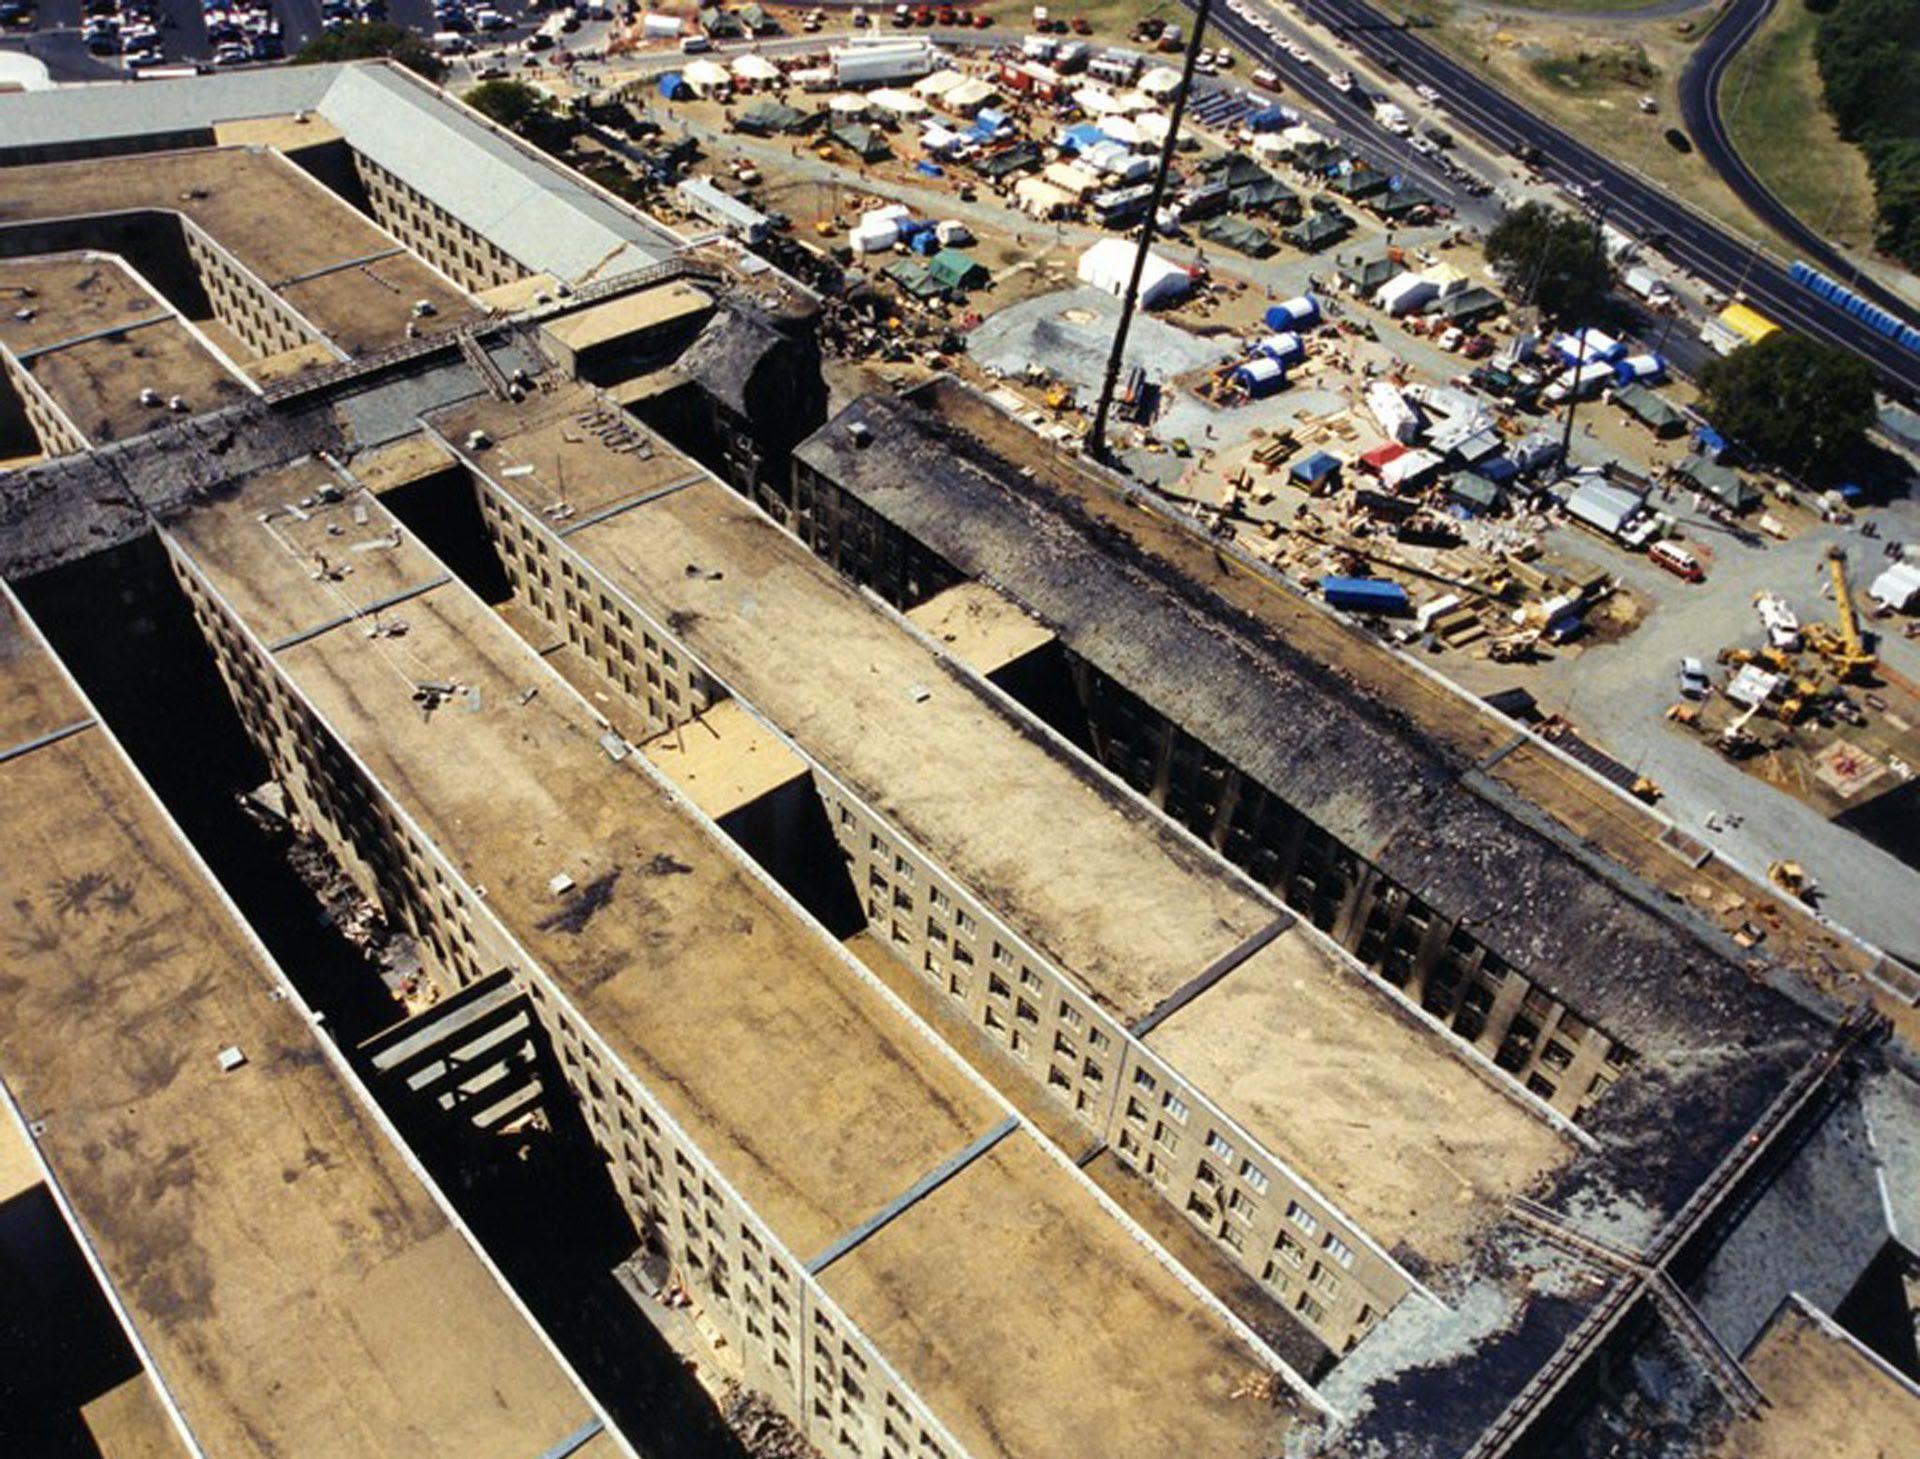 ataque-pentagono-9-11-13.jpg